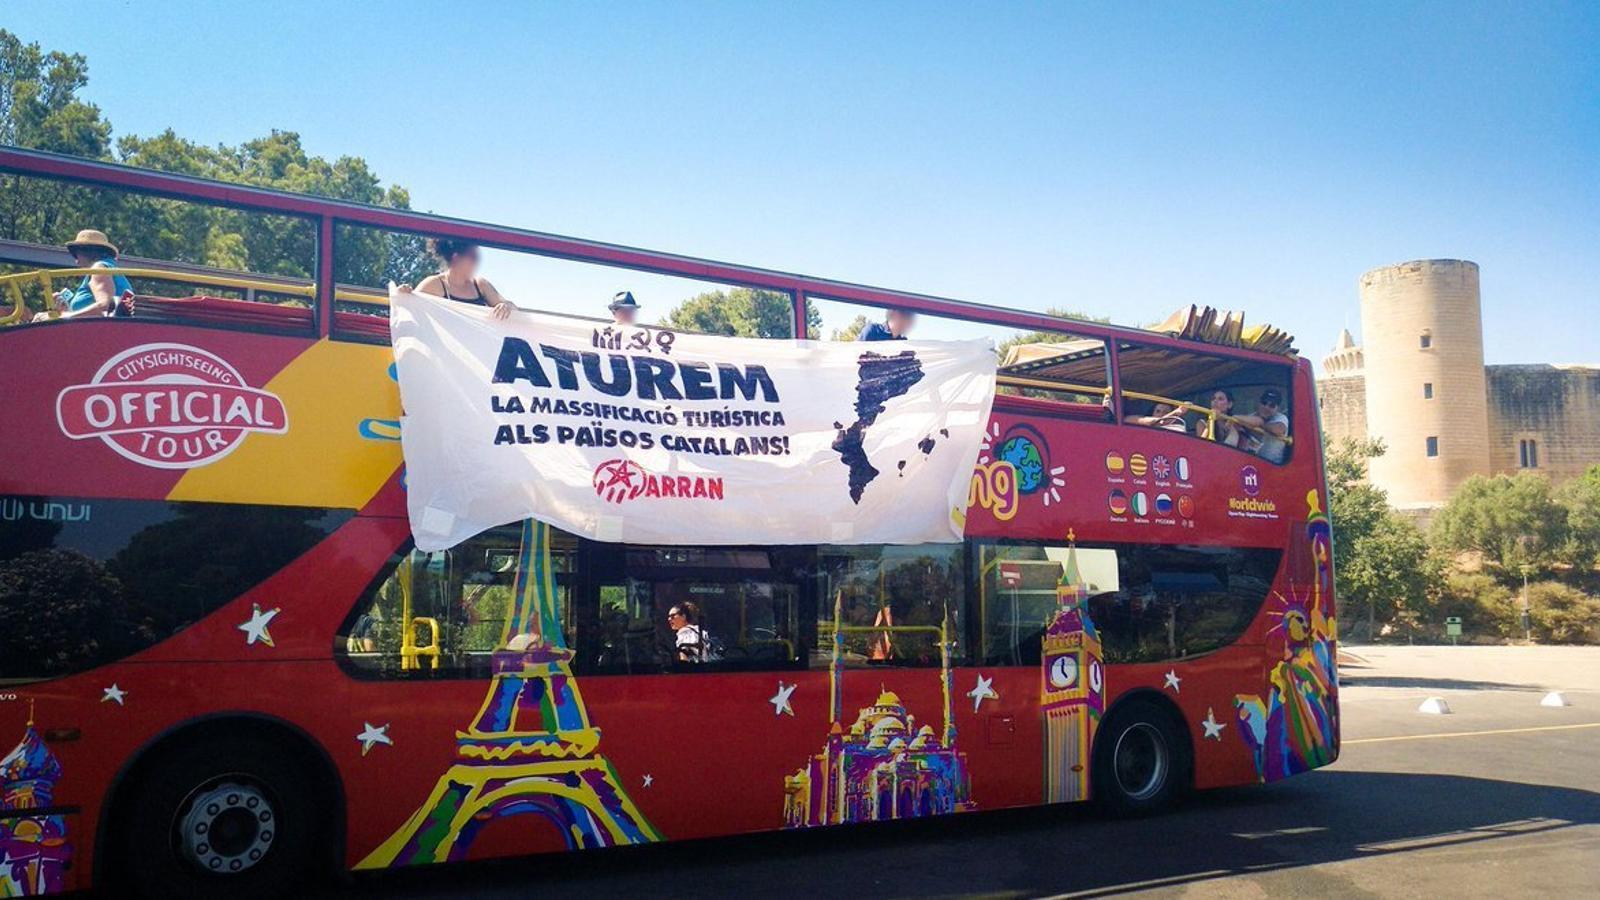 Arran atura busos turístics a Palma, Barcelona i València per protestar contra la massificació